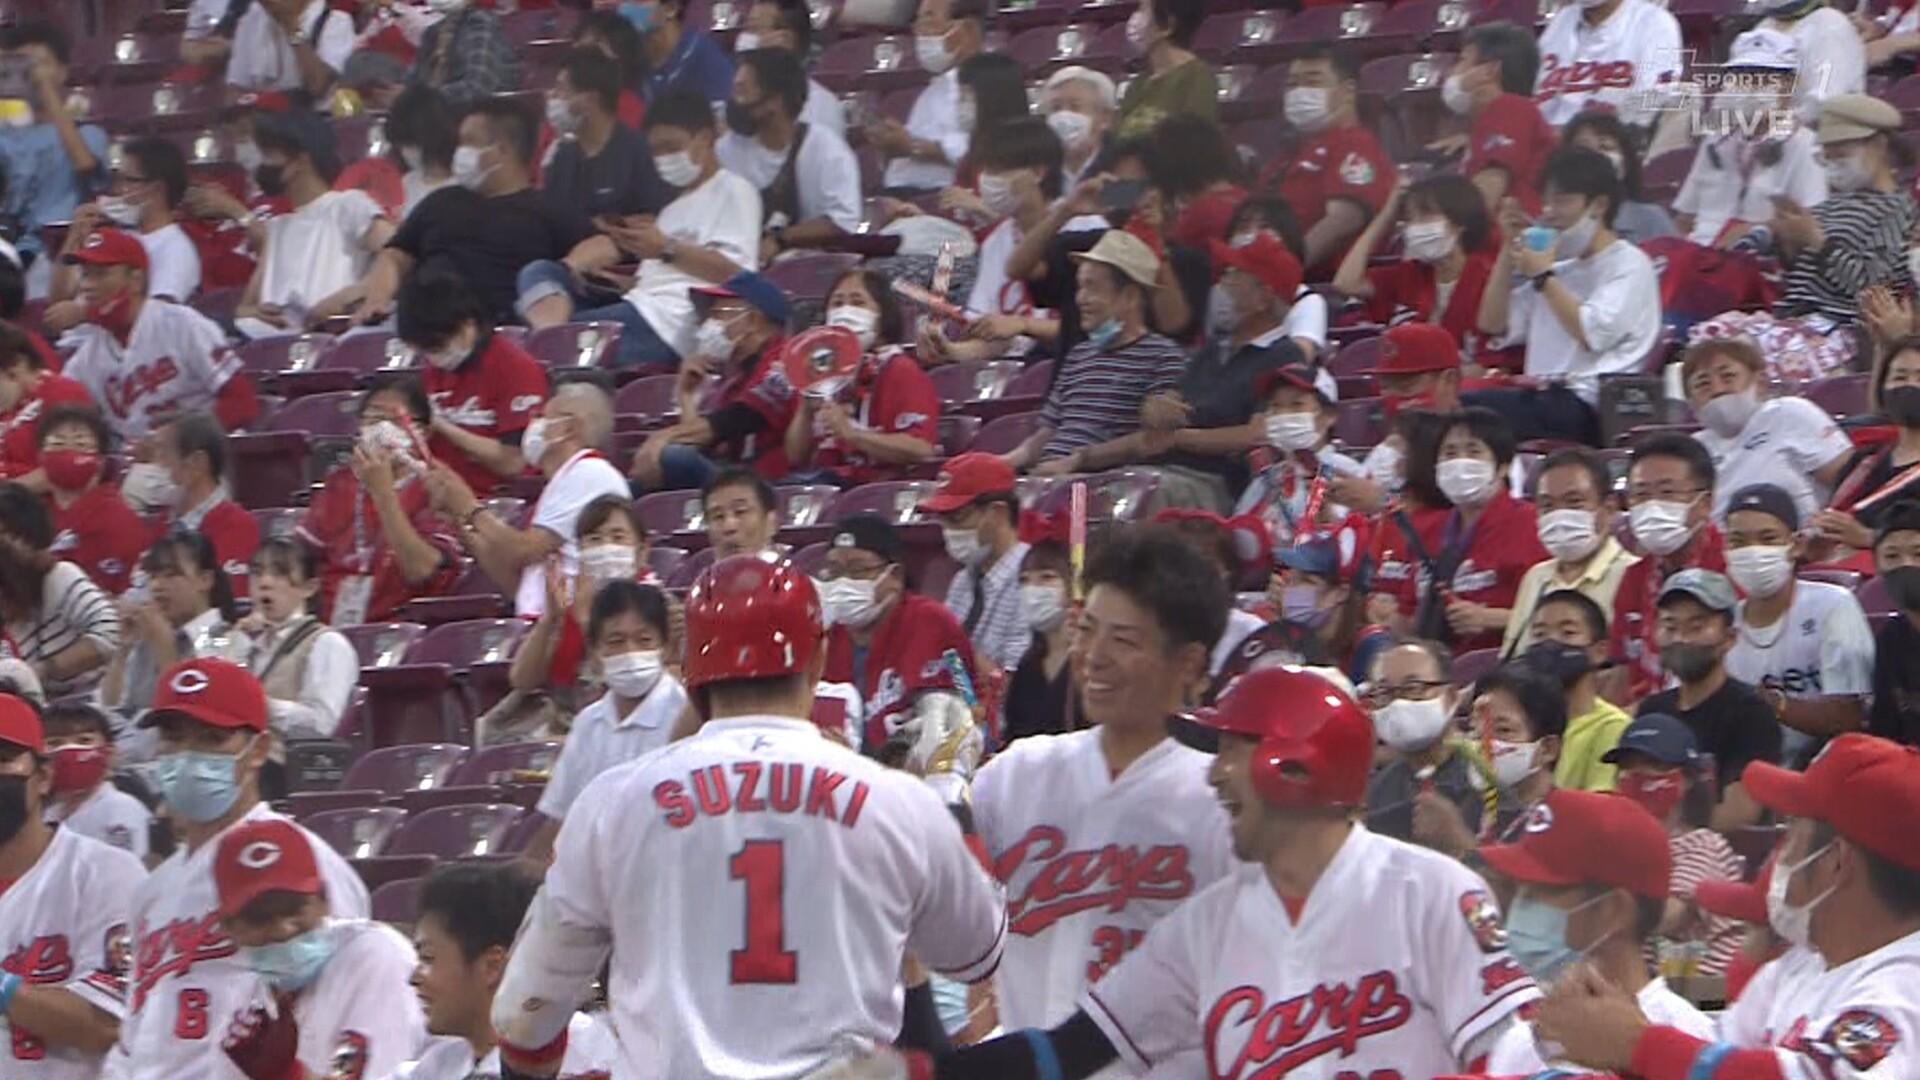 スーパー鈴木誠也、球団記録に並ぶ6試合連続ホームラン